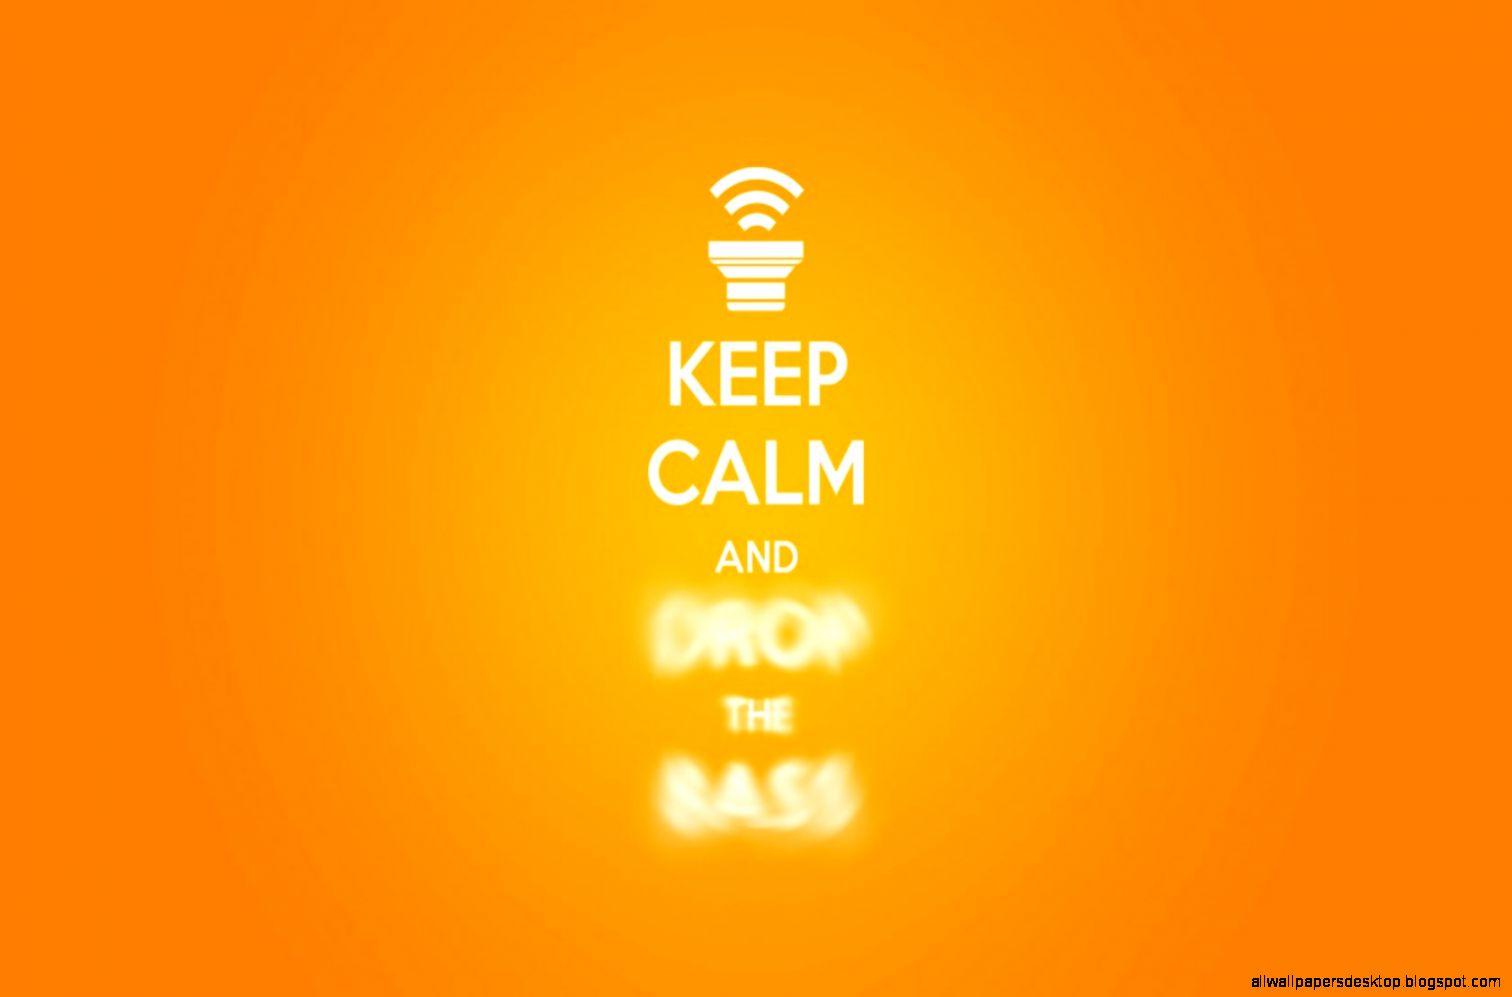 Keep Calm And Drop The Bass Hd Wallpaper | All Wallpapers Desktop